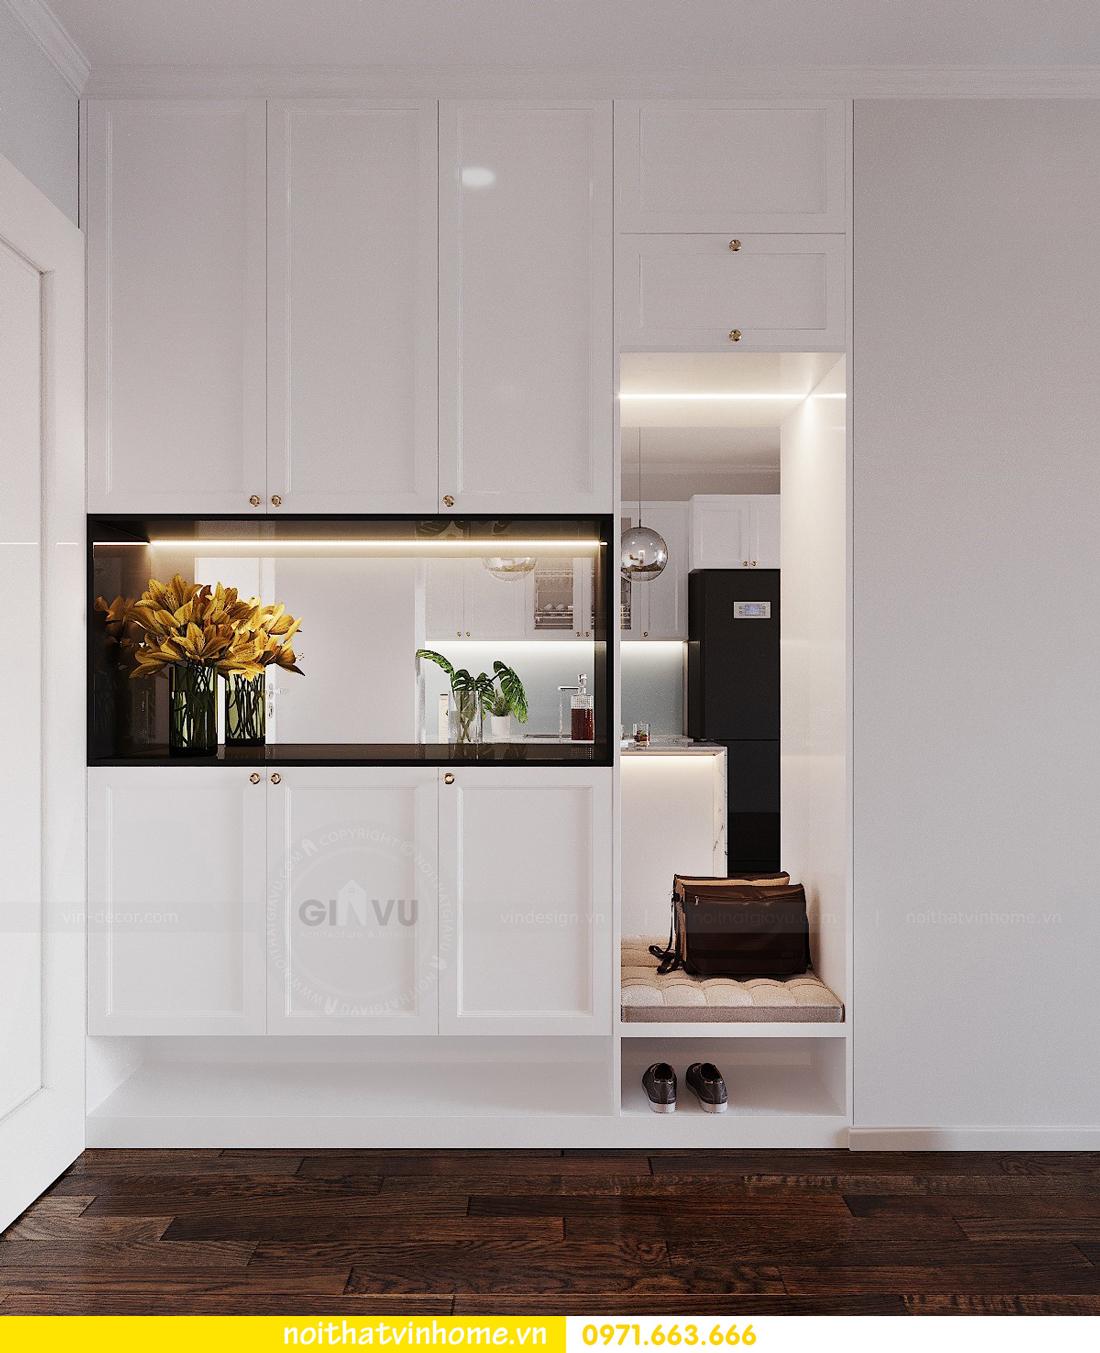 thiết kế nội thất chung cư Sunshine Riverside căn hộ 3 phòng ngủ 1